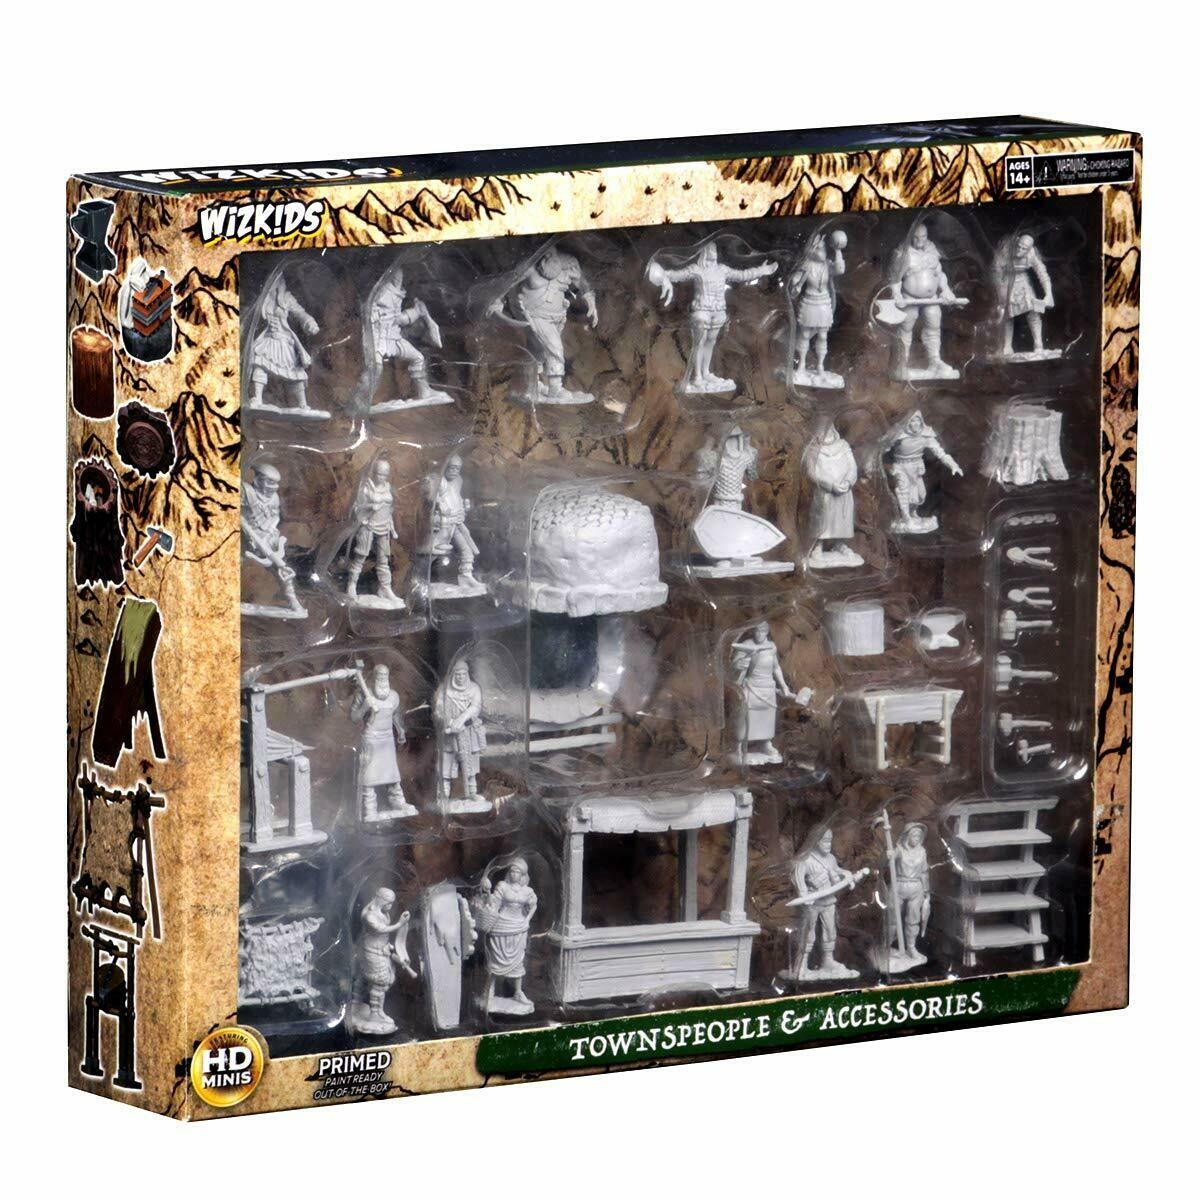 D&D Nolzur's Marvelous Miniatures - Townspeople & Accessories